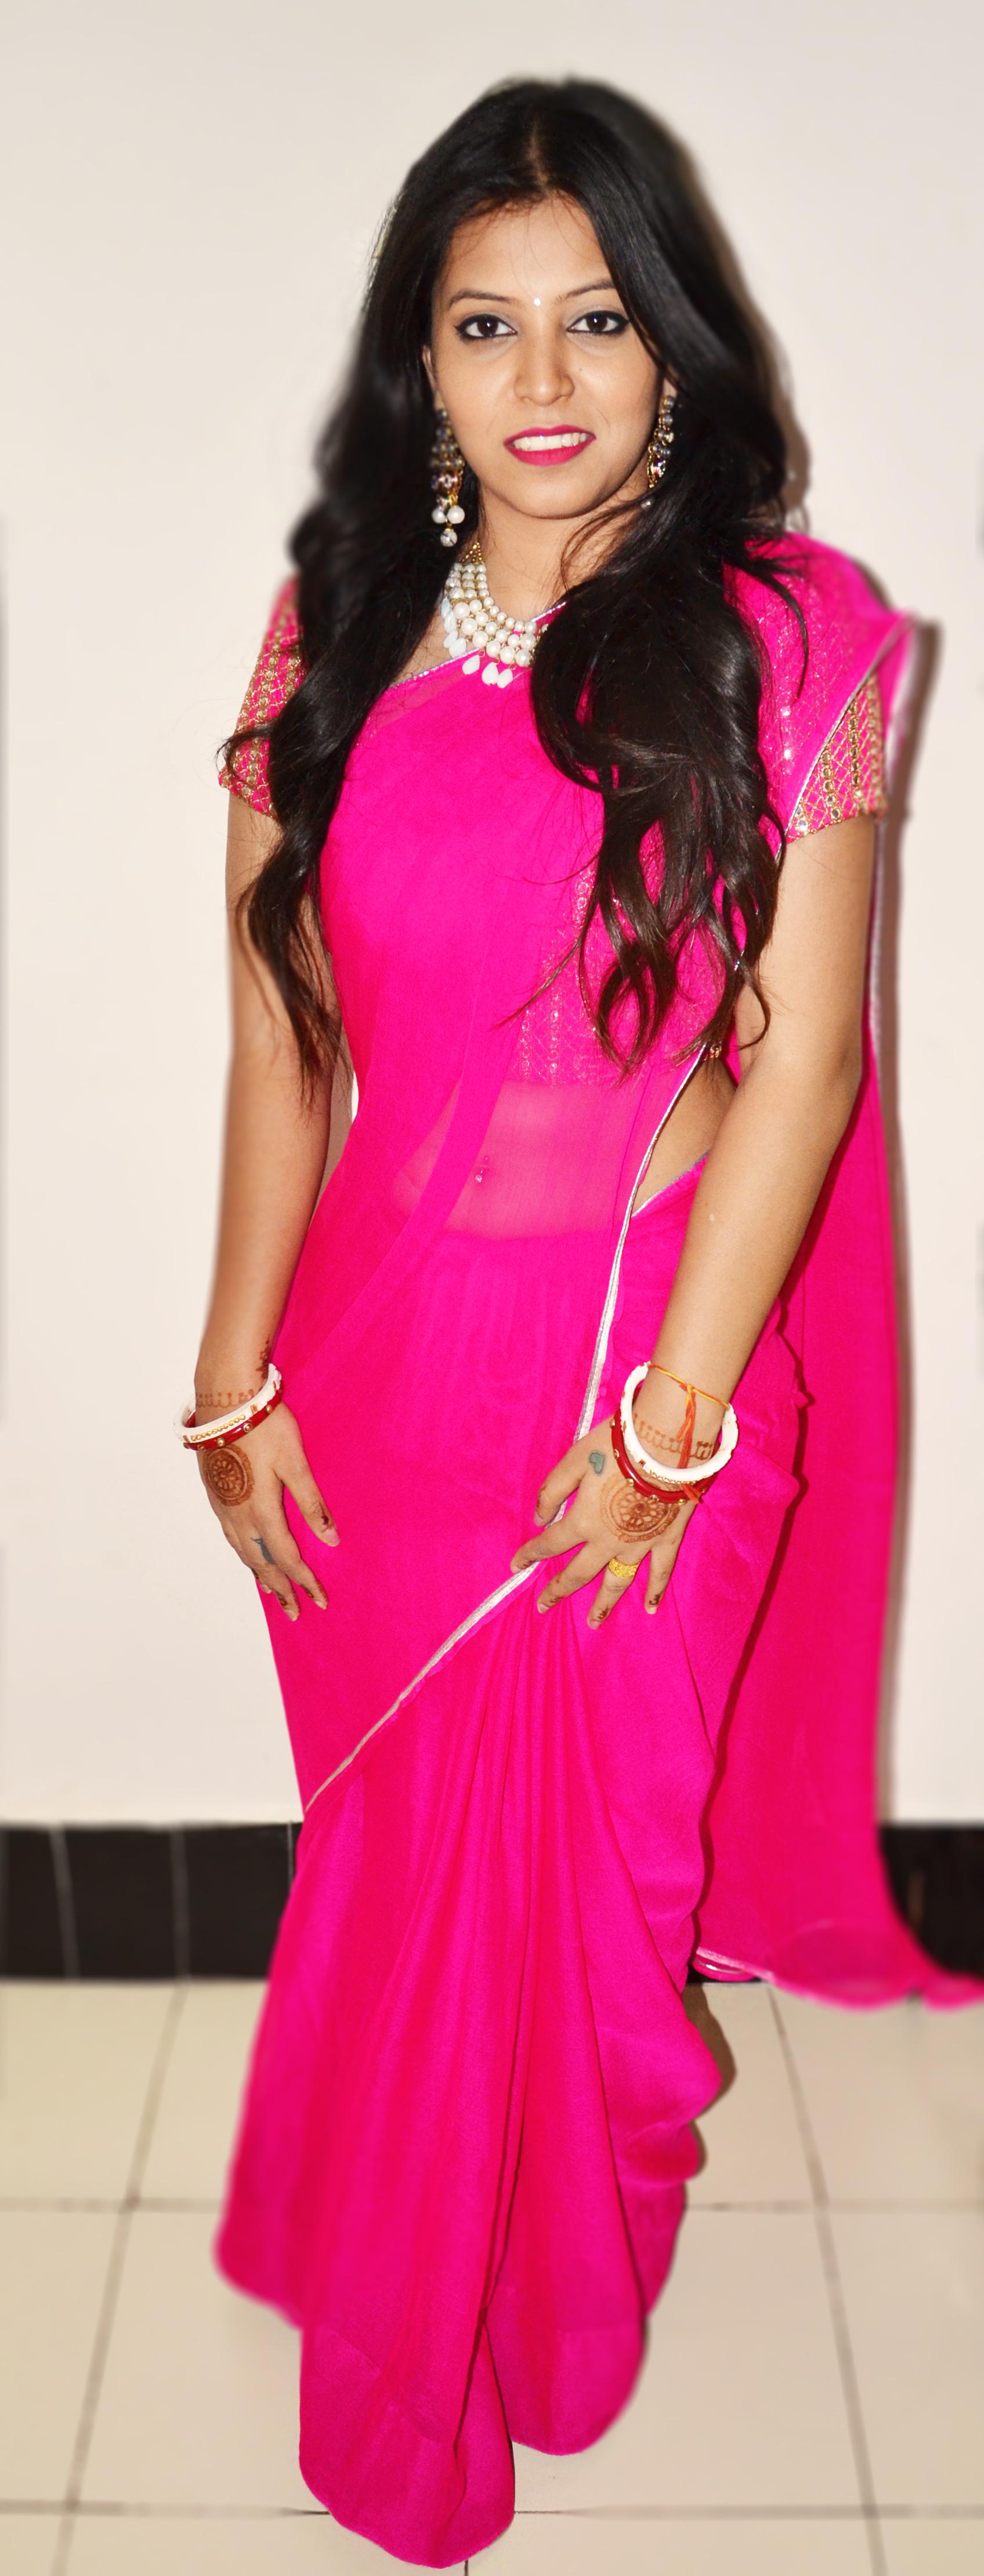 Take 3, Indian Wedding Fashion: Saris, Anarkalis and a Lot of Fun ...